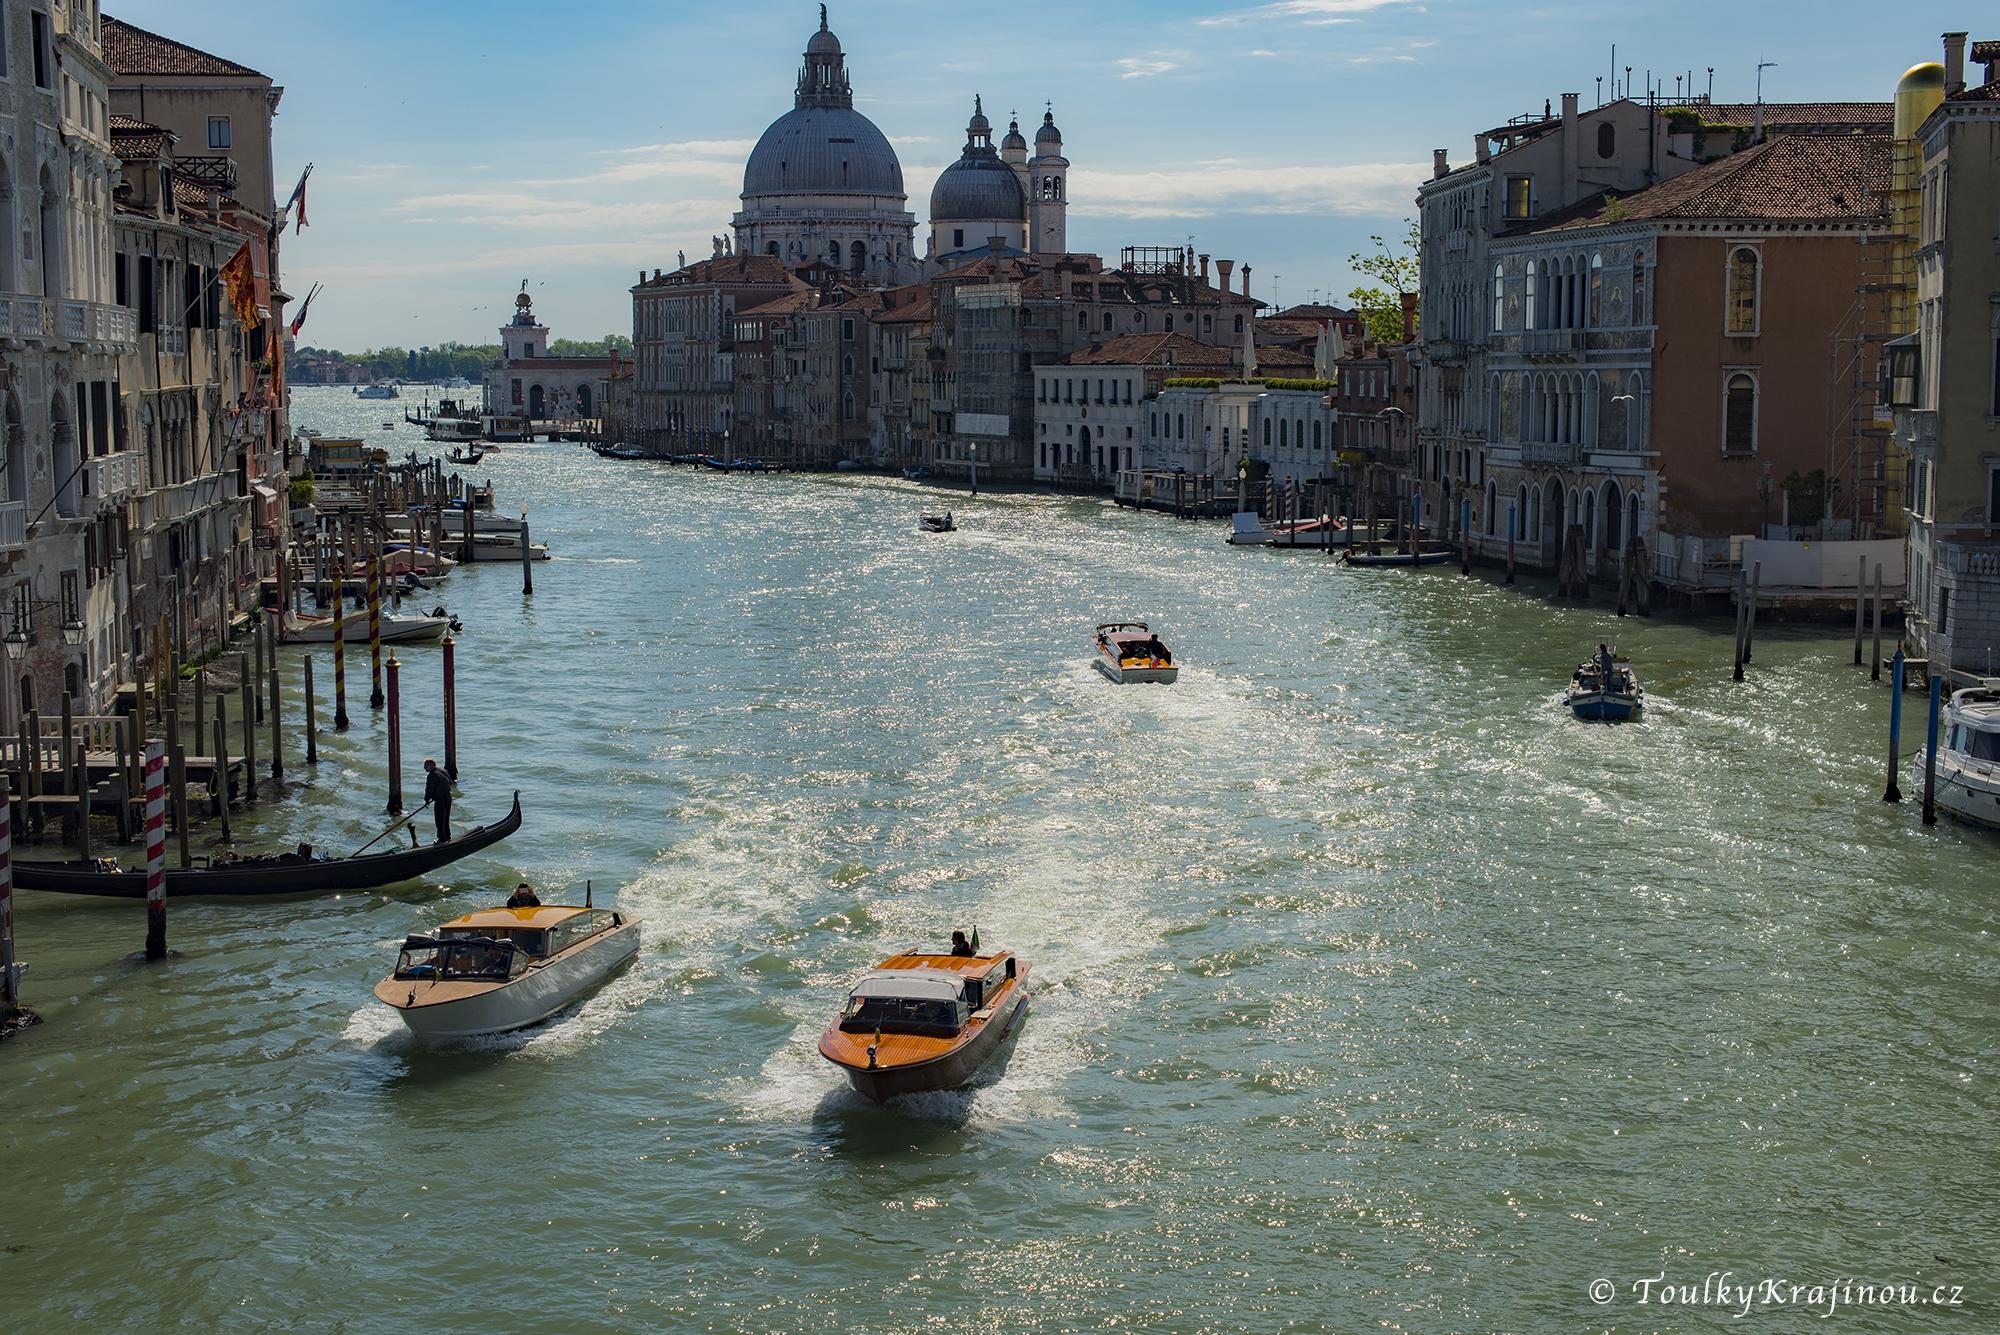 Benátky - Salute